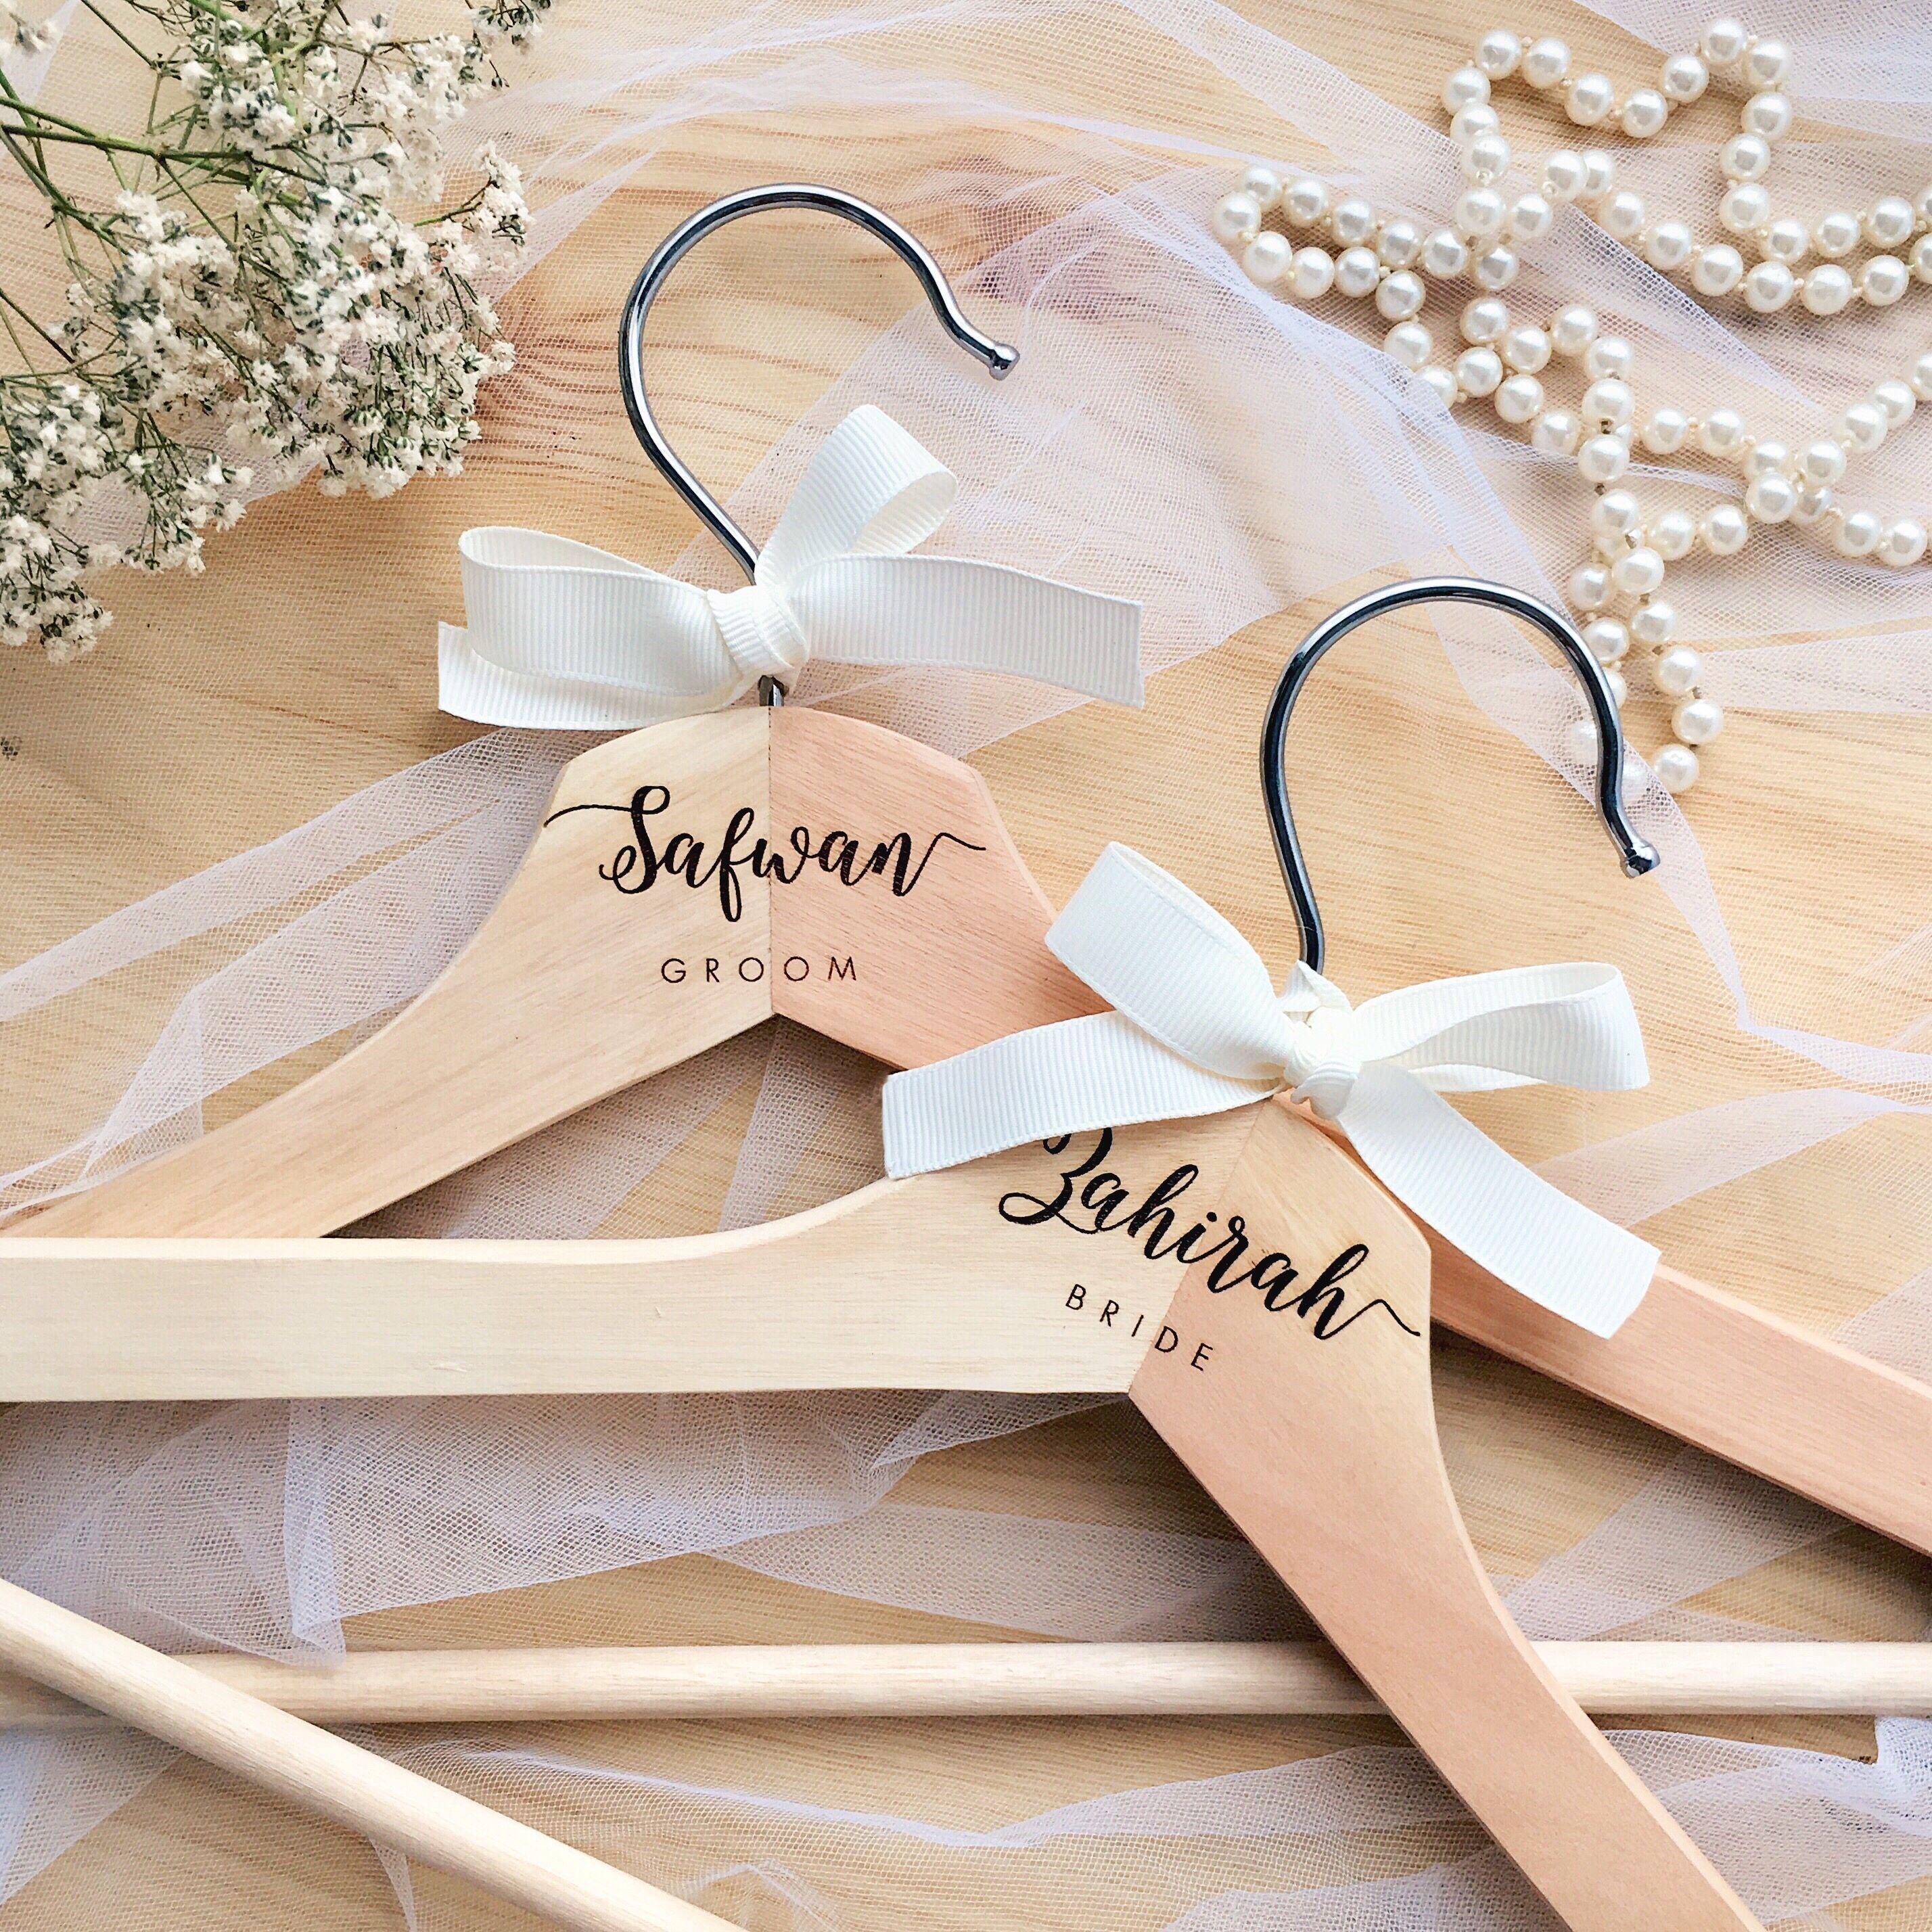 Personalised Bridal Hangers Bridal Hangers Personalized Bridal Hangers Personalized Bridal